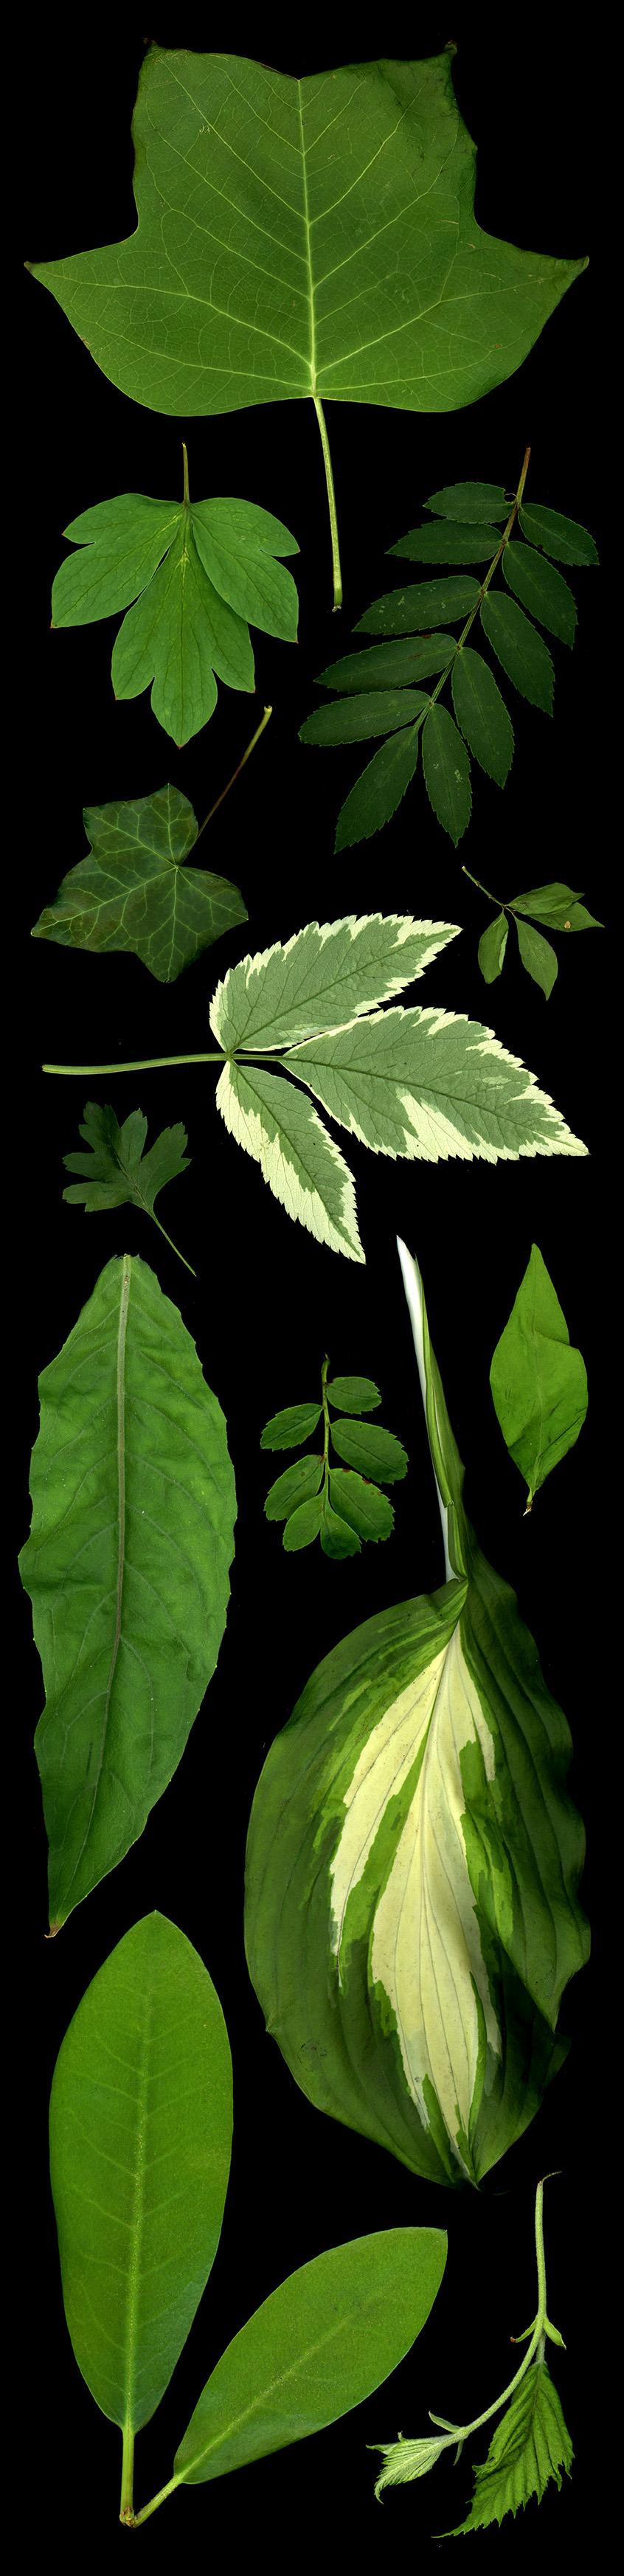 leaf_panel_1.jpg